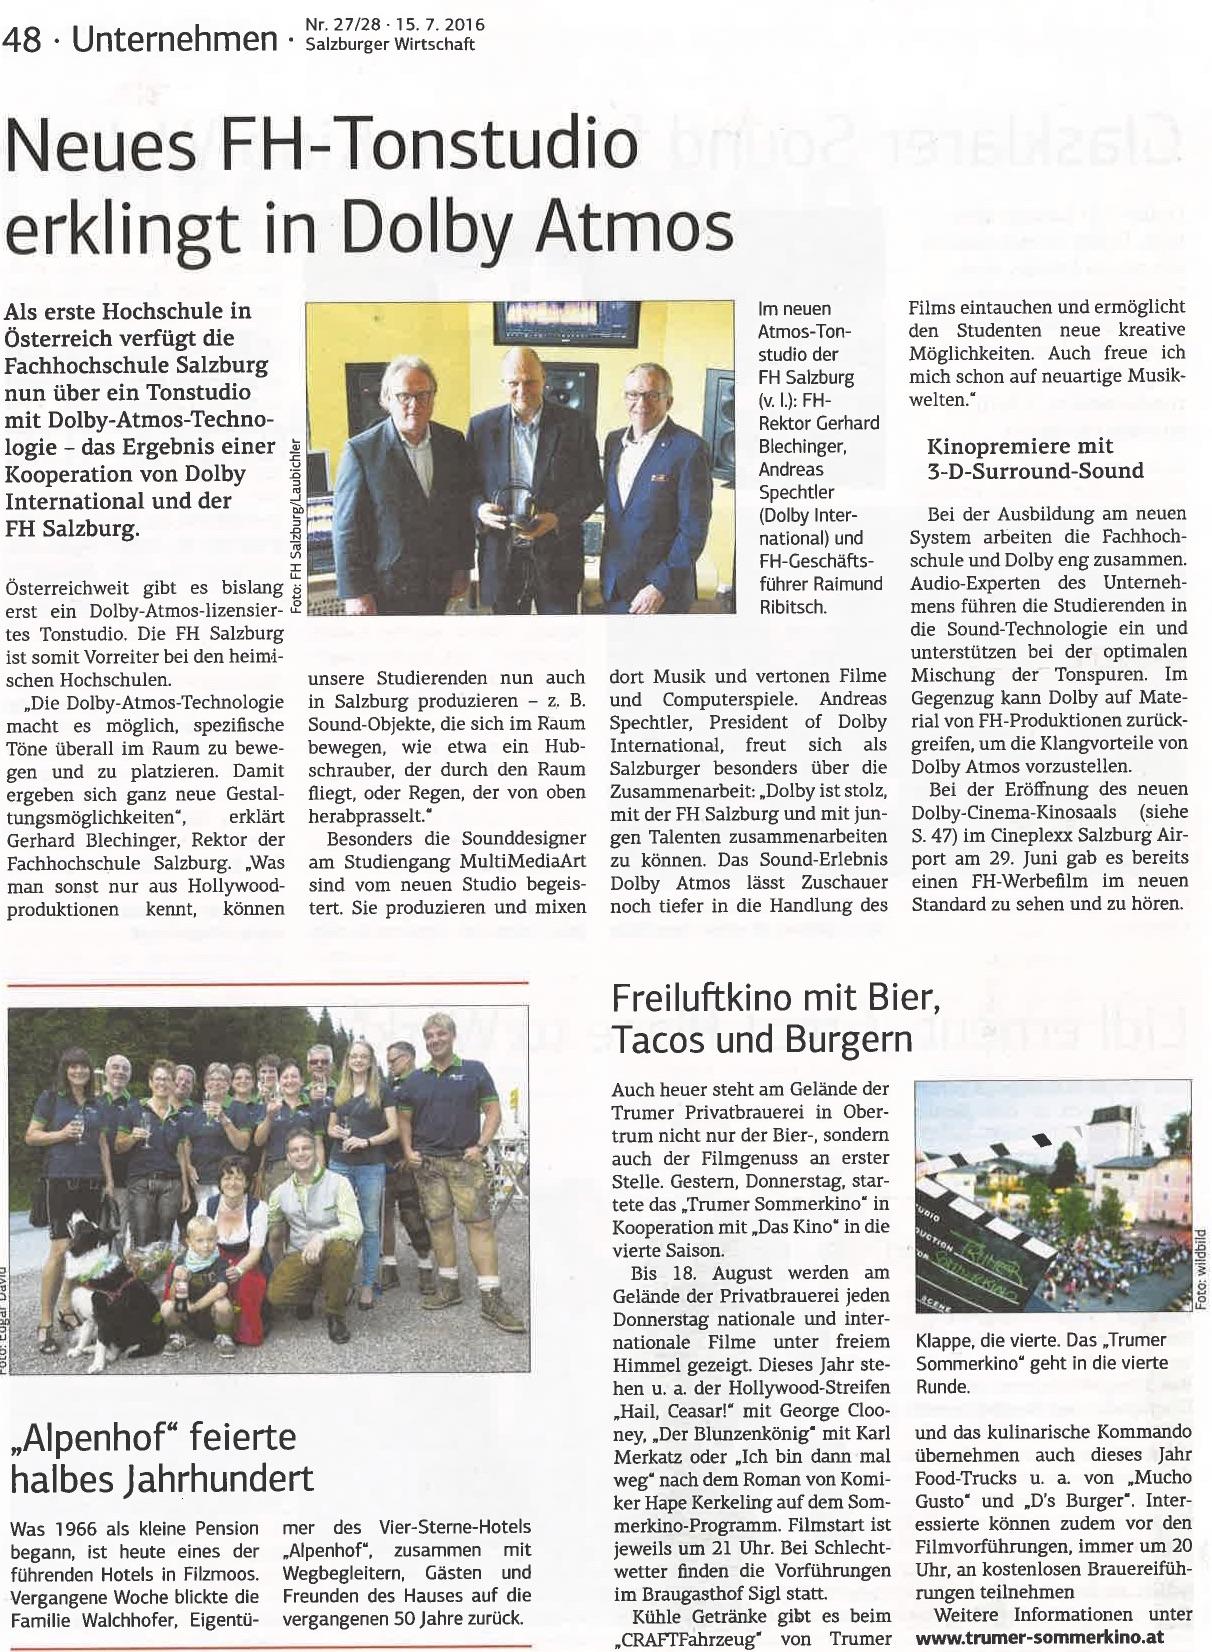 Salzburger Wirtschaft, 15. Juli 2016